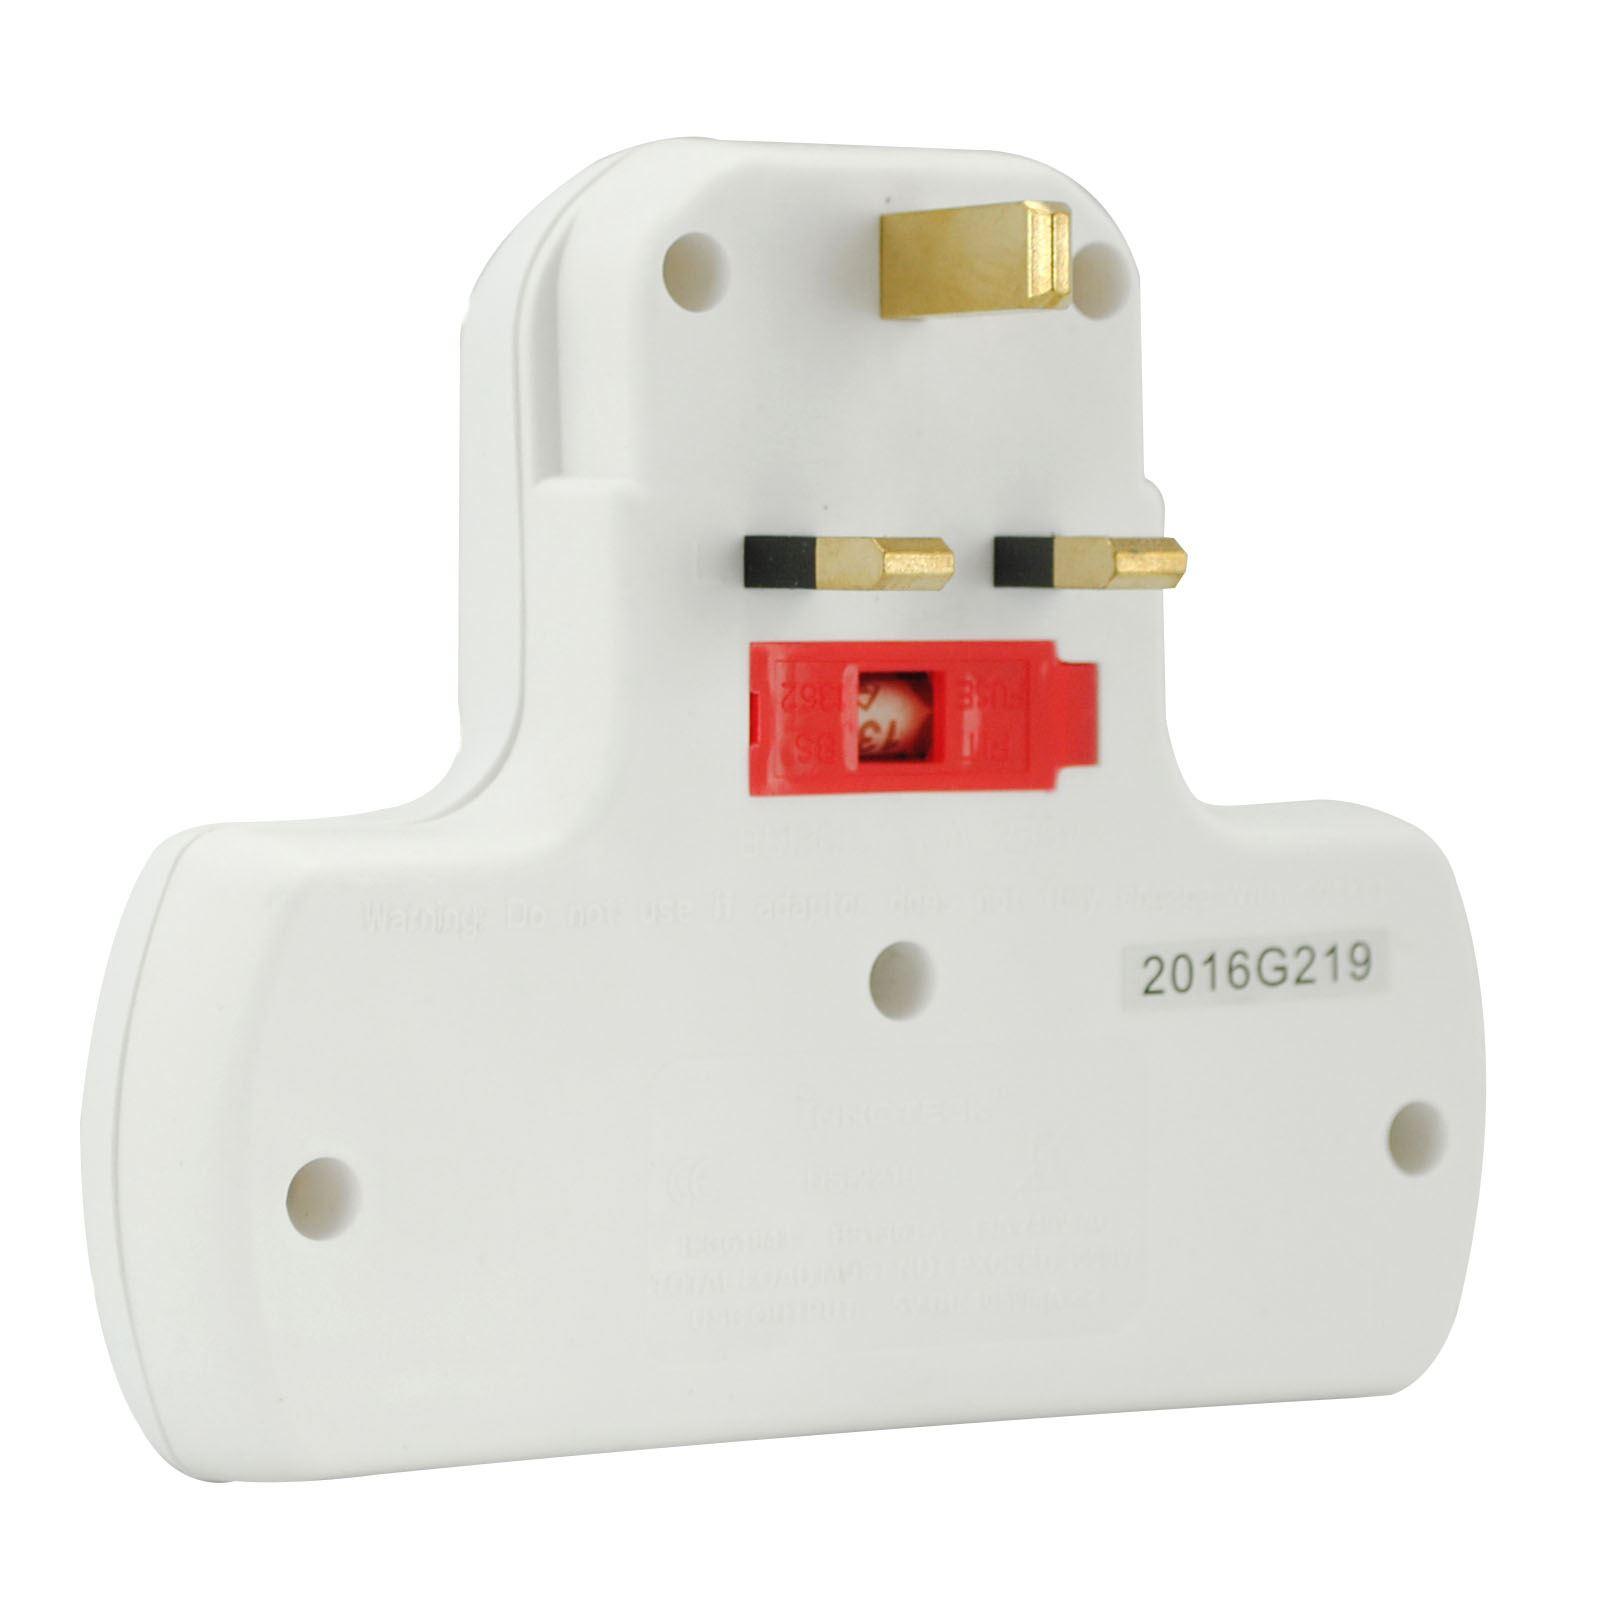 Usb Multi Plug Extension Lead : Multi plug gang way uk mains extension lead cable